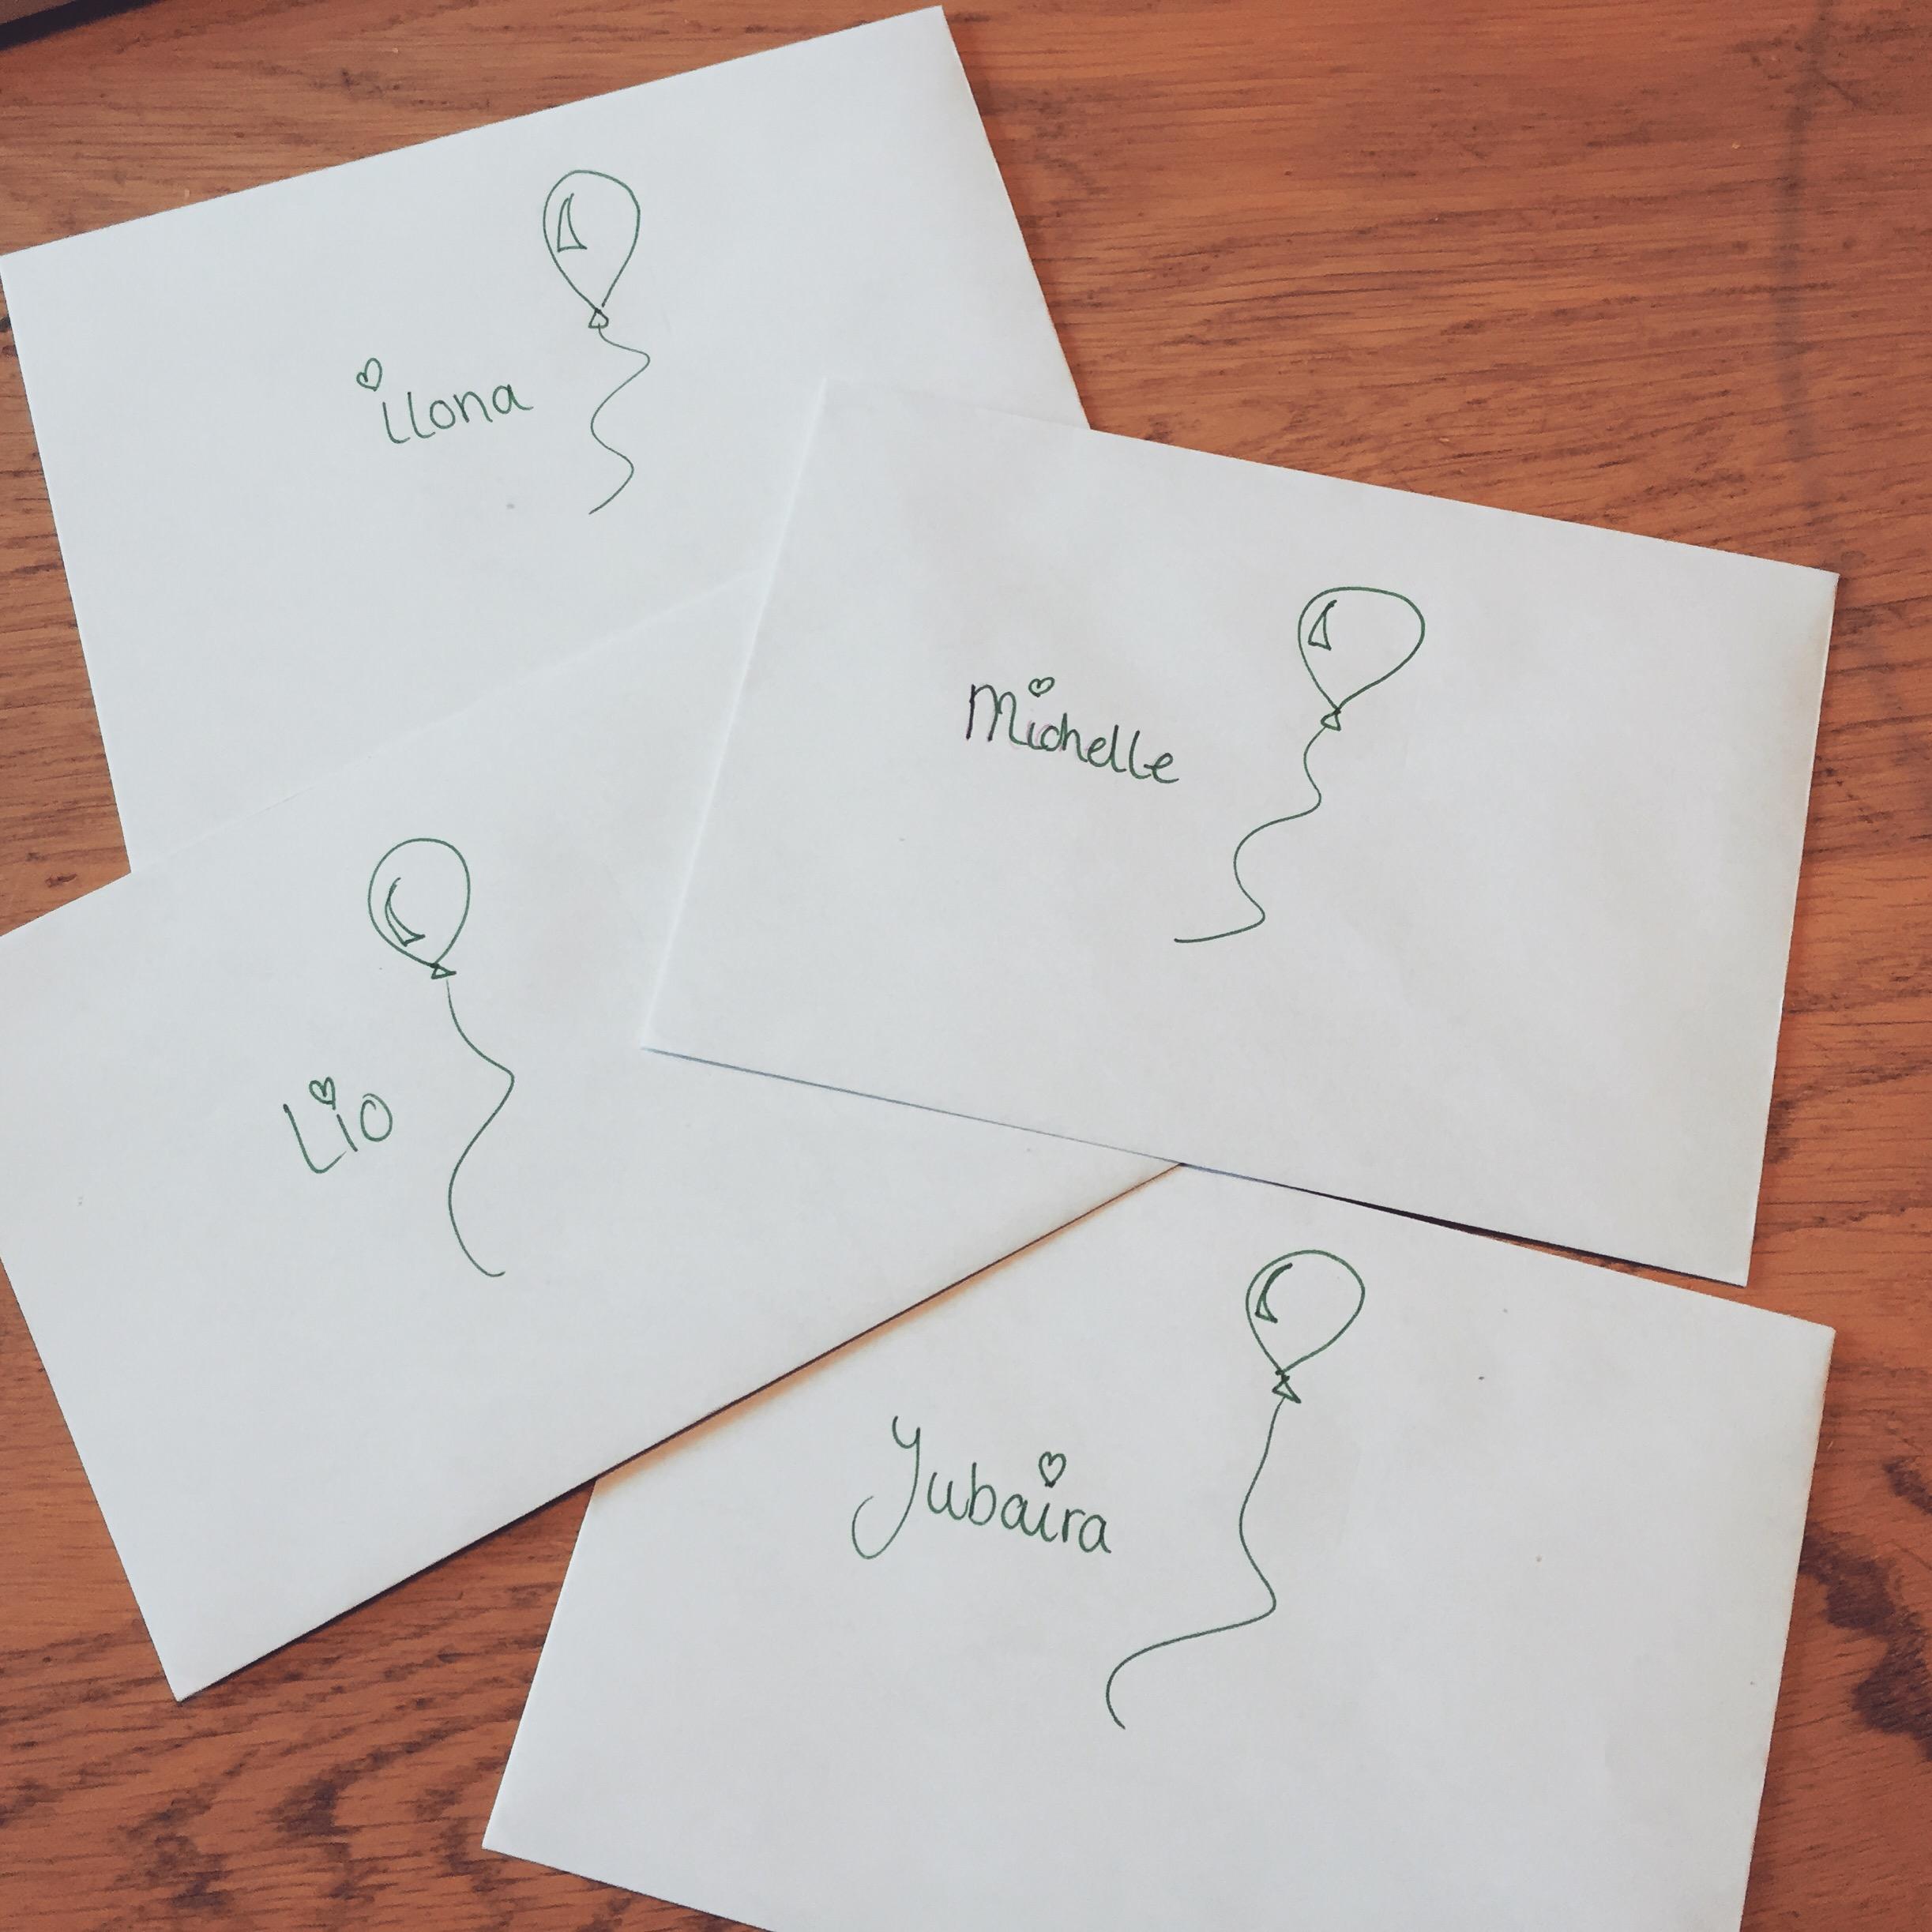 Zondag schreven we de uitnodigingen voor Eva's kinderfeestje